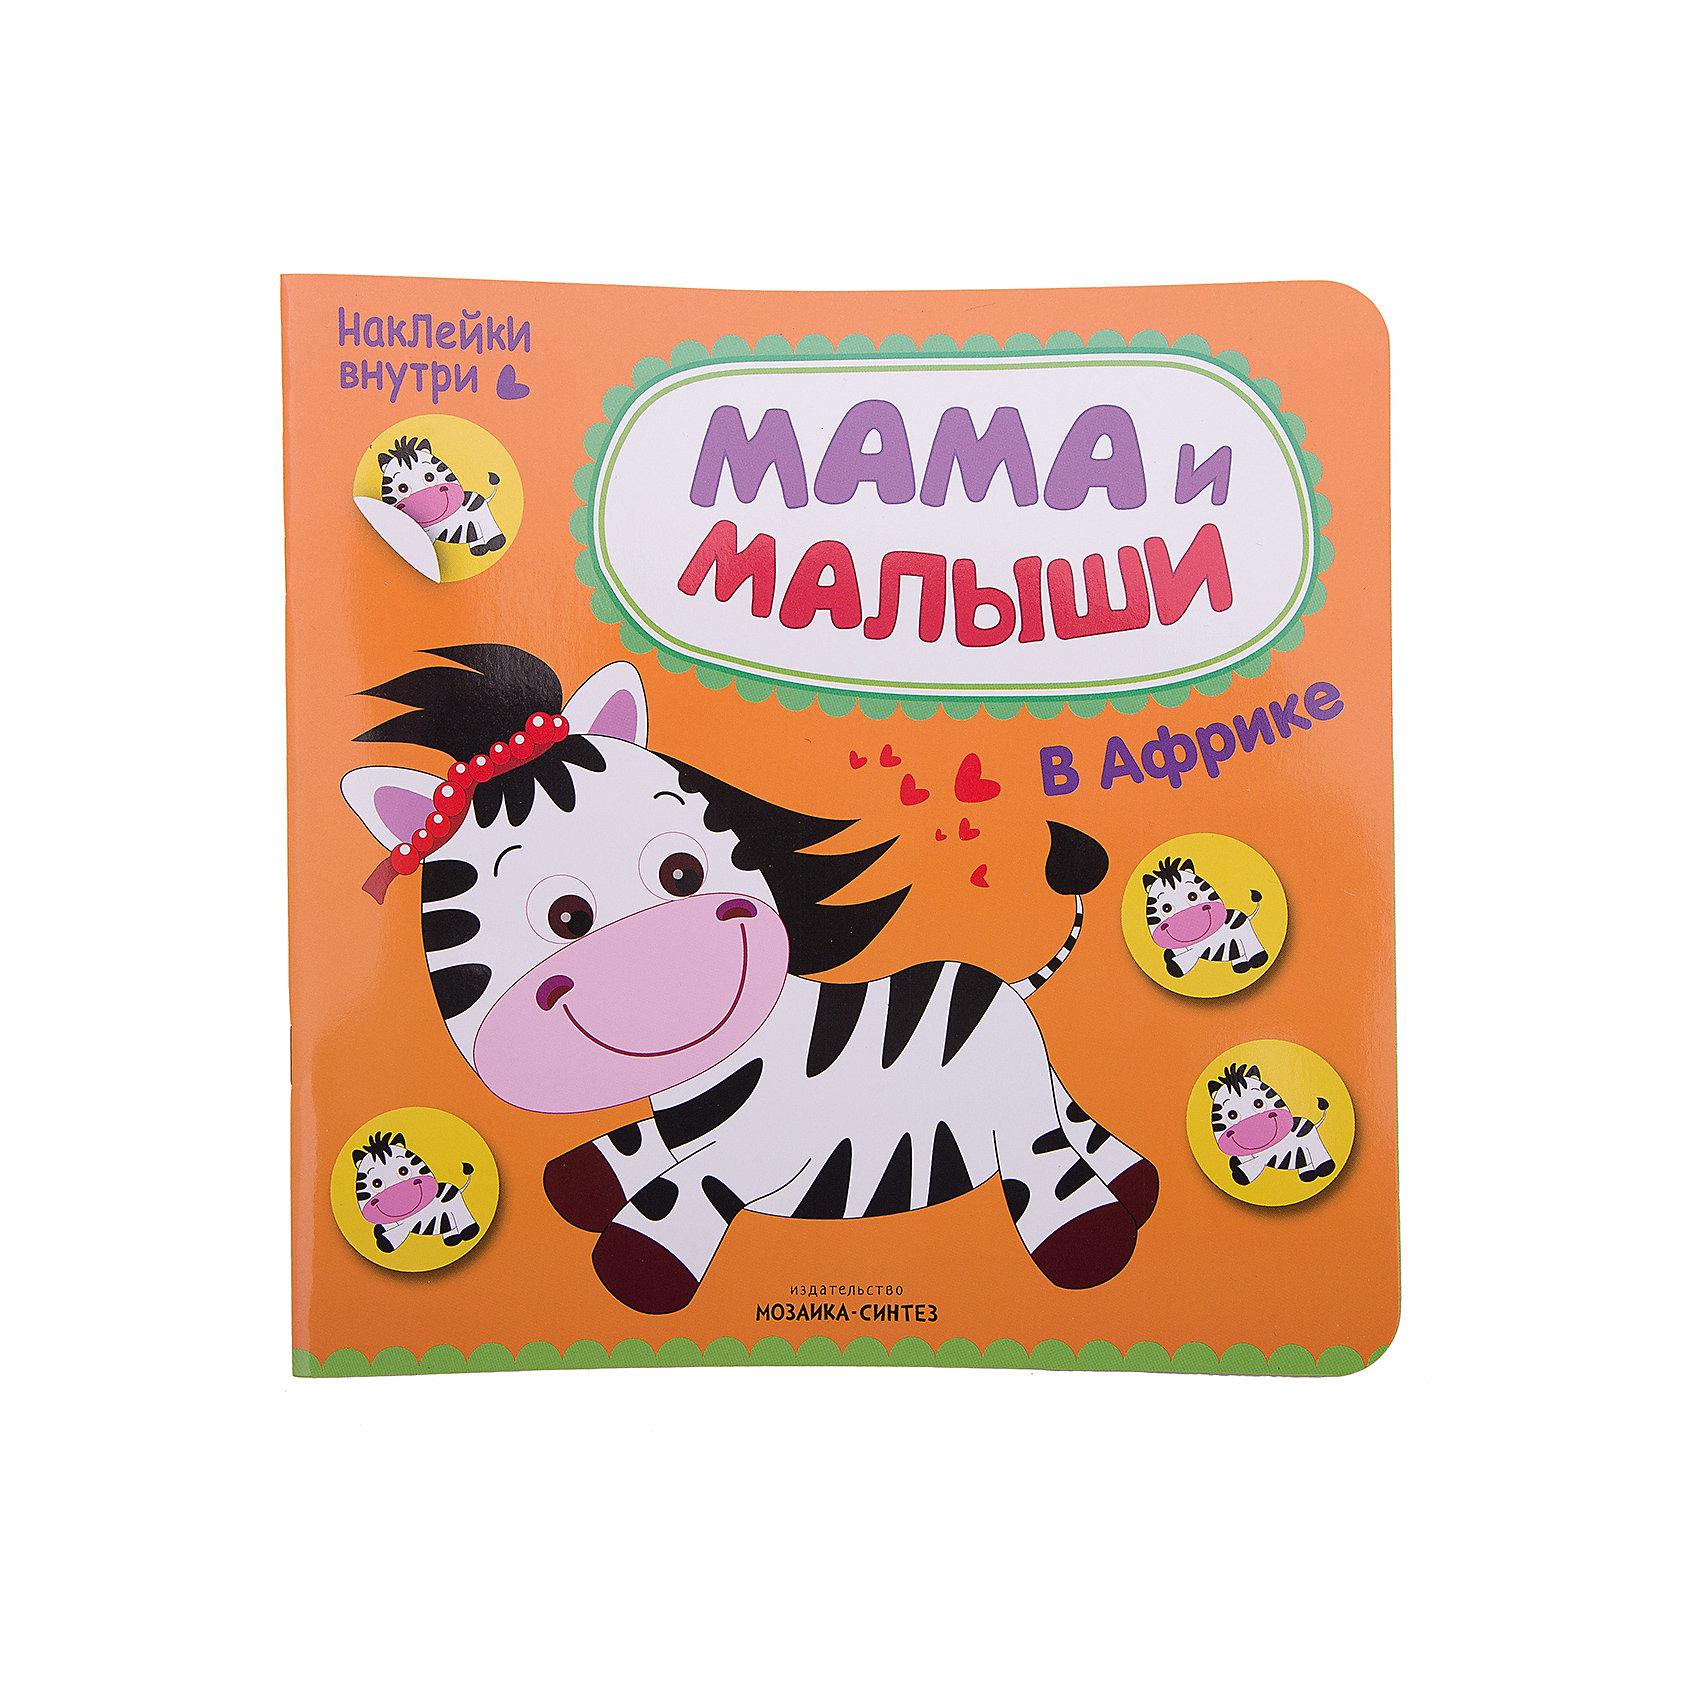 Мама и малыши В АфрикеХарактеристики книжки с наклейками В Африке:<br><br>• возраст: от 2 лет<br>• пол: для мальчиков и девочек<br>• комплект: книжка, 80 наклеек.<br>• материал: бумага<br>• автор: Романова М.<br>• размер книги: 22.5x22.5 см.<br>• тип обложки: мягкая.<br>• иллюстрации: цветные.<br>• бренд: издательство Мозаика-Синтез<br>• страна обладатель бренда: Россия<br><br>Книжка с наклейками В Африке из серии Мама и малыши от издательства Мозаика-Синтез познакомит ребенка в веселой стихотворной формой с животными, населяющими территорию африканского континента. На каждой странице даны яркие красочные иллюстрации и напечатаны стихи. Кроме этого, в книжке можно найти наклейки с изображениями забавных животных.<br><br>Книжку с наклейками В Африке из серии Мама и малыши от издательства Мозаика-Синтез можно купить в нашем интернет-магазине.<br><br>Ширина мм: 2<br>Глубина мм: 225<br>Высота мм: 225<br>Вес г: 79<br>Возраст от месяцев: 24<br>Возраст до месяцев: 60<br>Пол: Унисекс<br>Возраст: Детский<br>SKU: 5362875